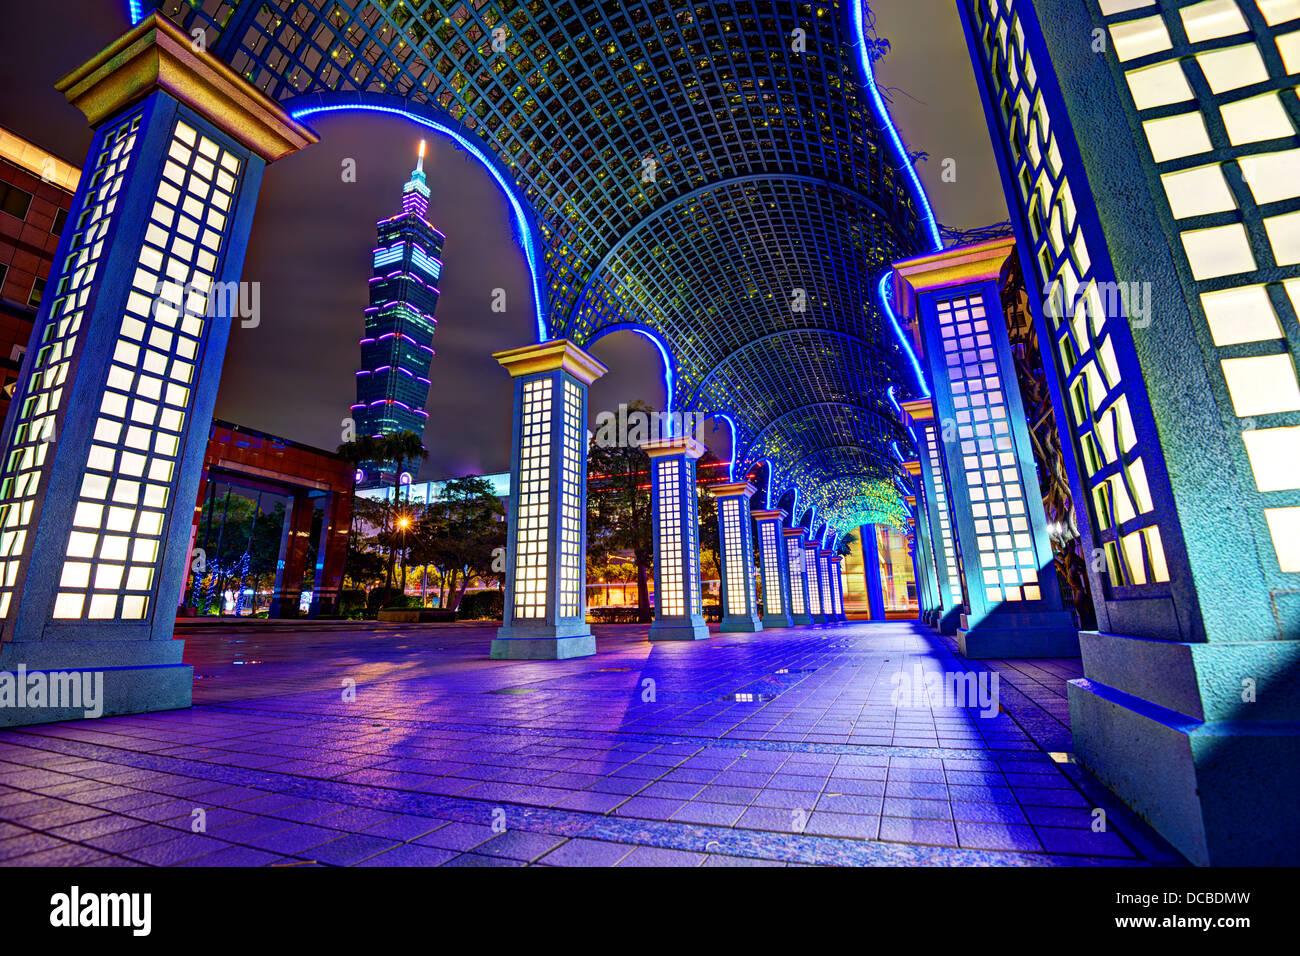 Nighttime cityscape in Taipei, Taiwan. - Stock Image